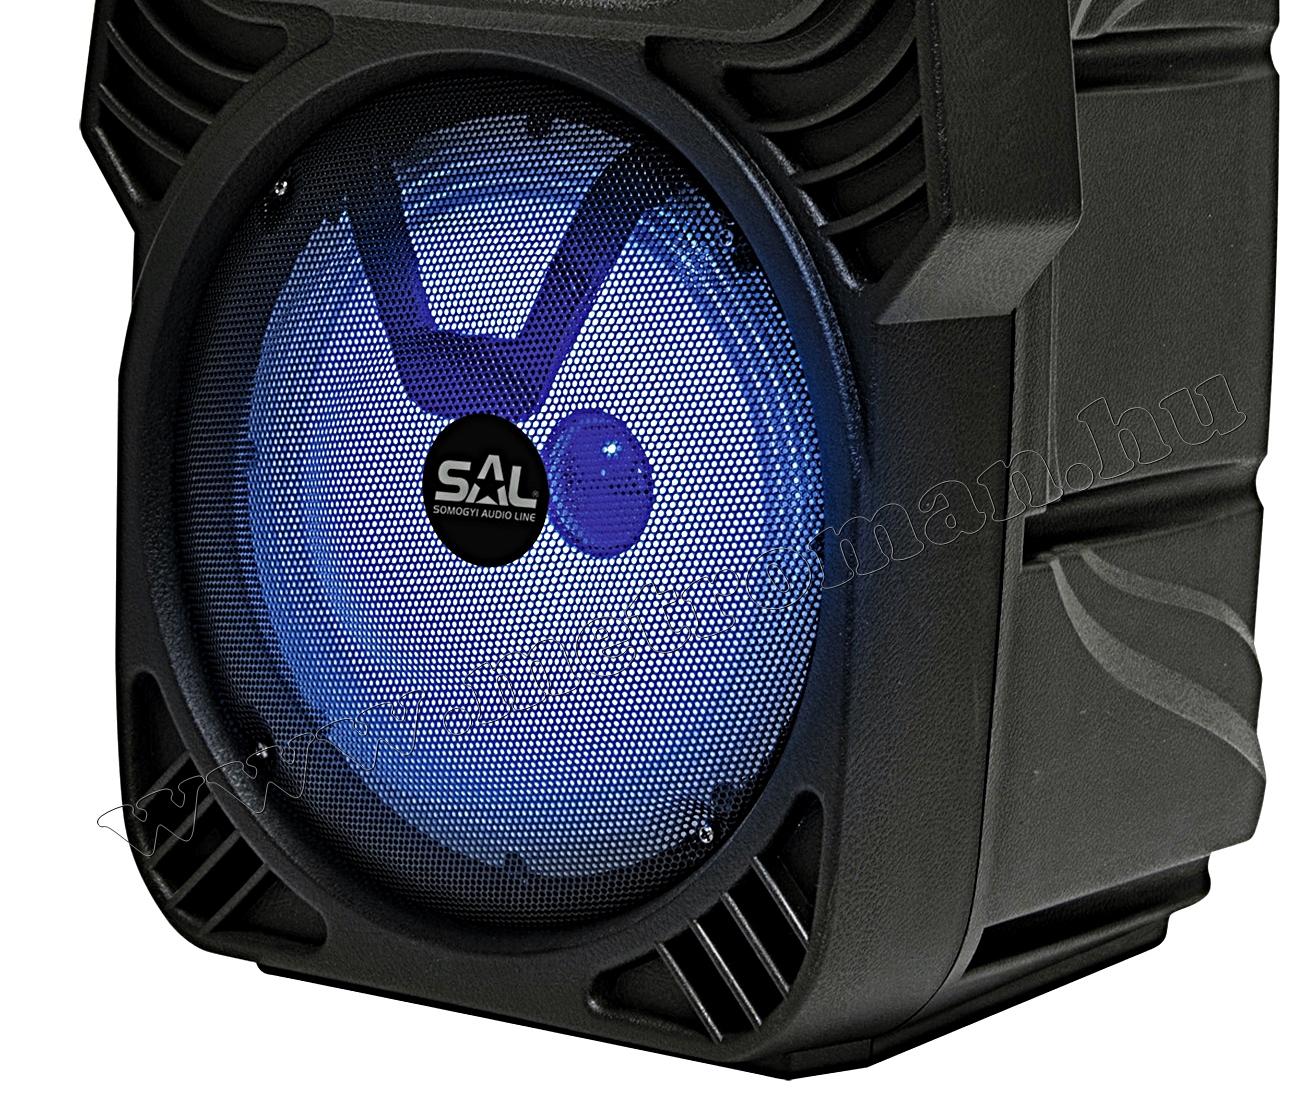 Hordozható karaoke szett USB MP3 Bluetooth zenelejátszóval PAR 20BT-M61